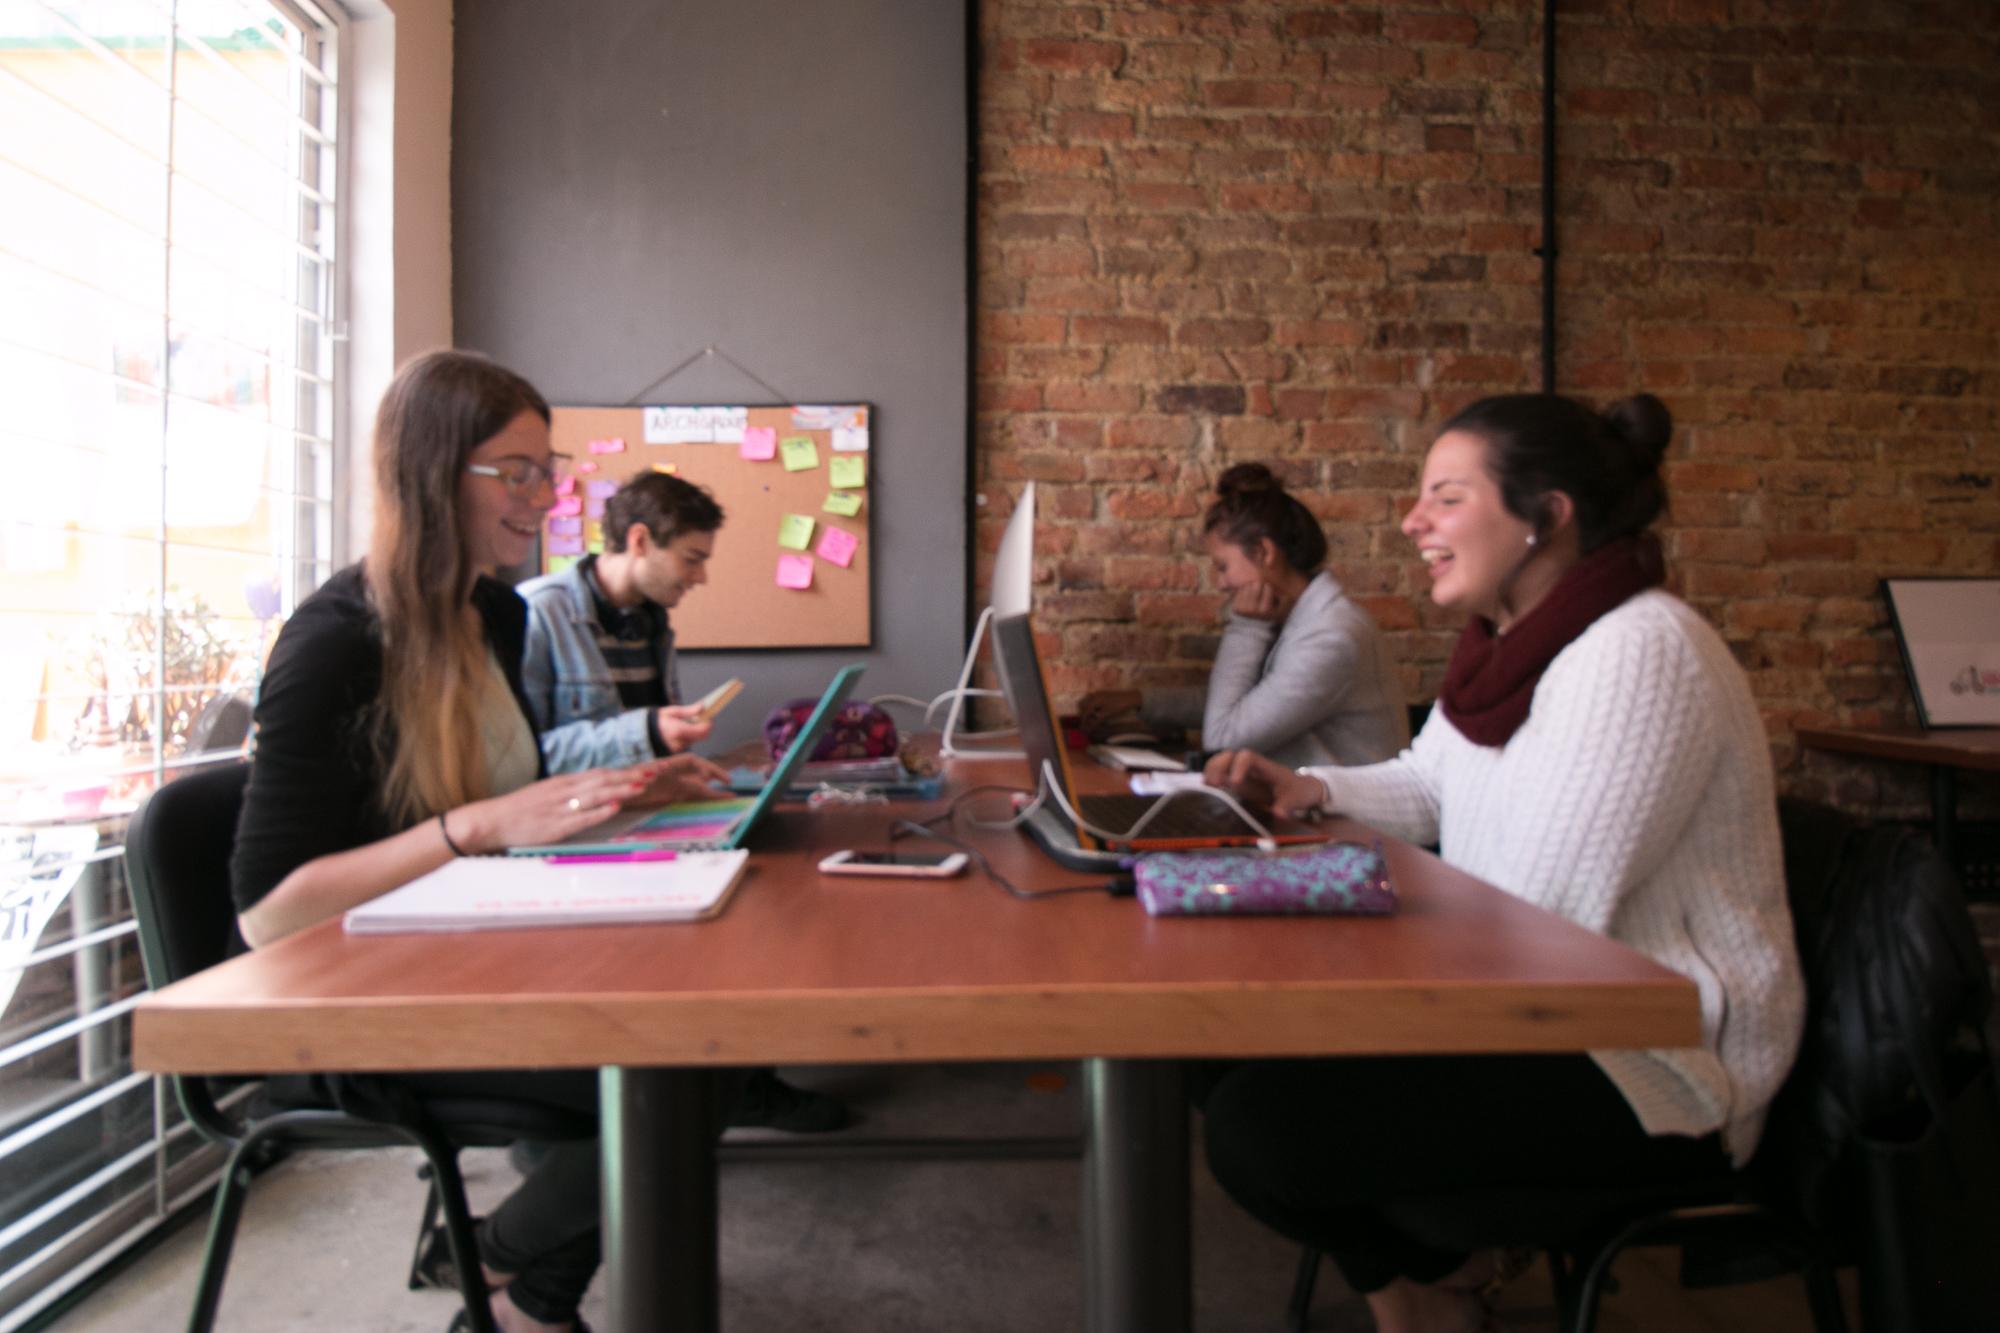 MESA DE TRABAJO  Desde 1.000.000/MES. Hasta para 5 personas, ideal para empresas pequeñas o grupos de trabajo de 3 a 5 personas.